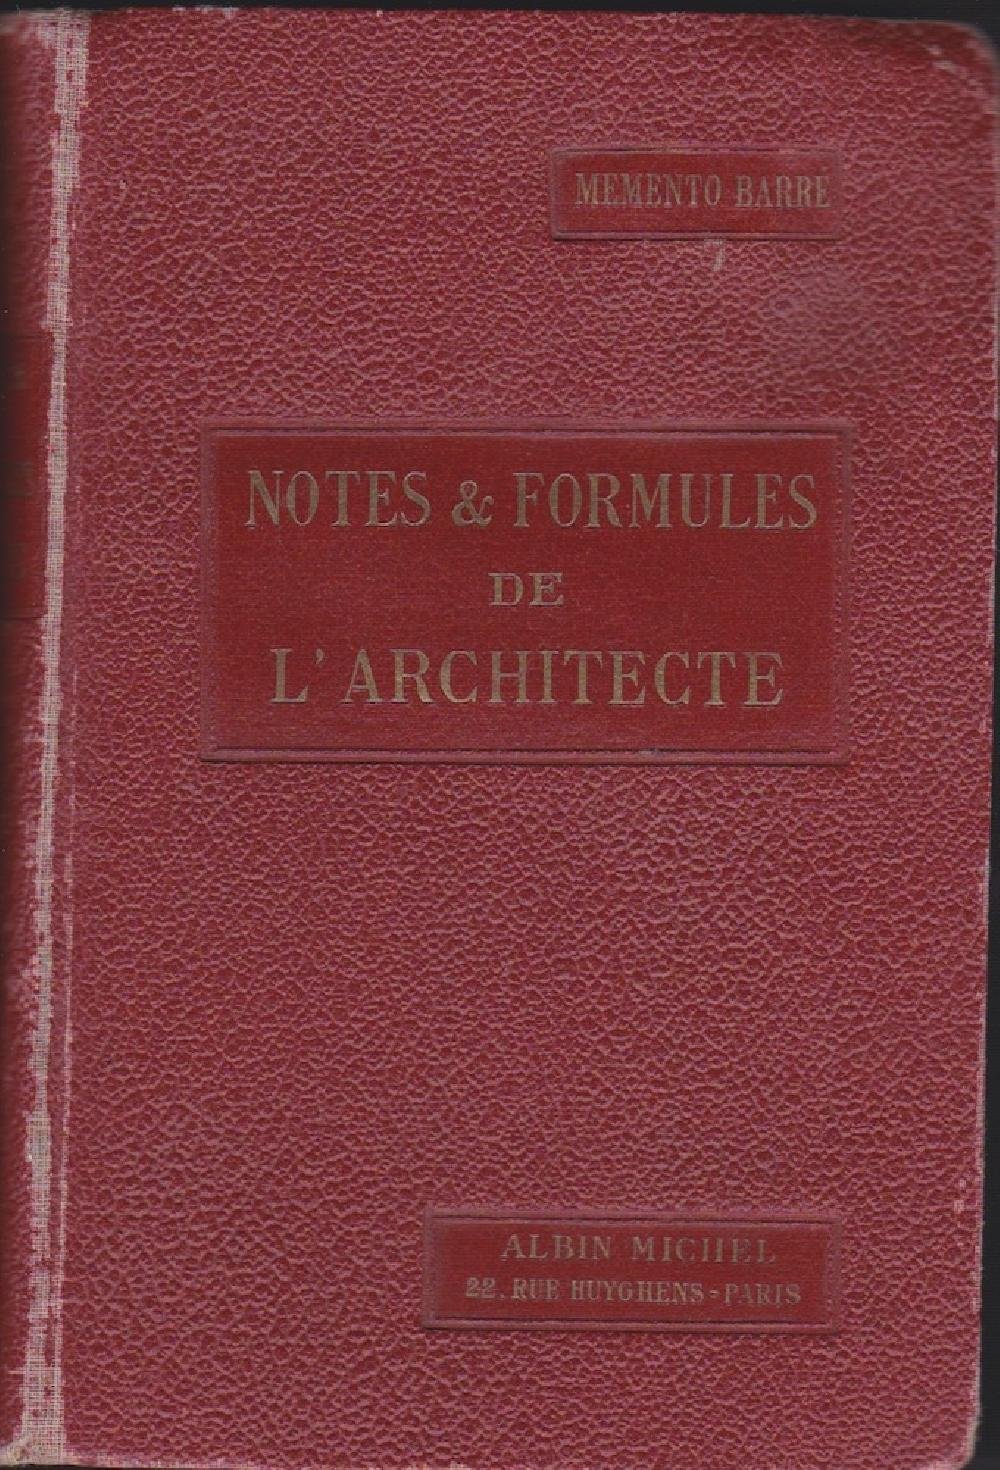 Notes & Formules de l'architecte - Memento Barré